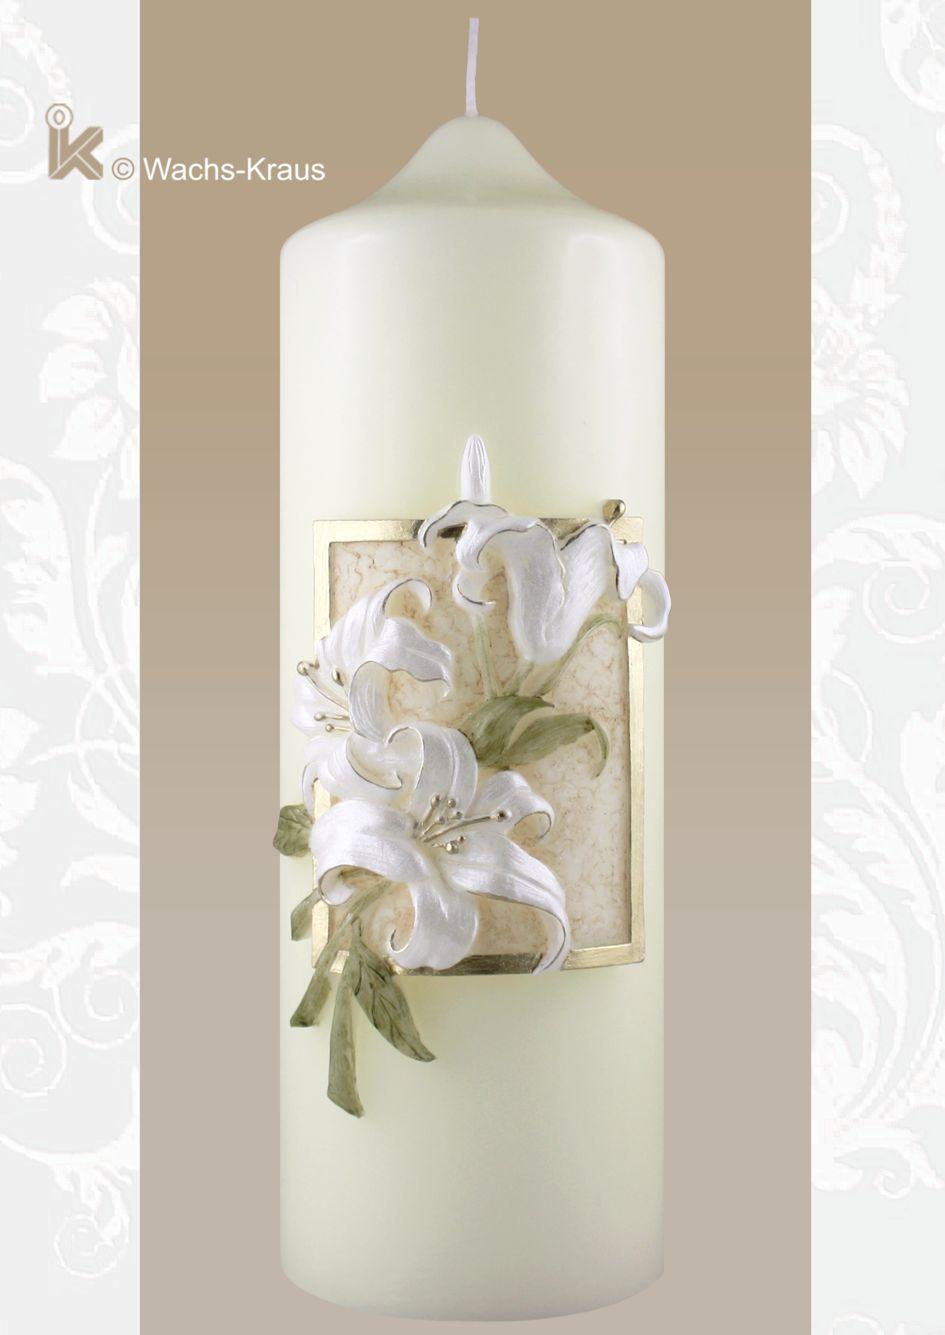 Hochzeitskerze champagnerfarben Lilien aus Wachs gegossen